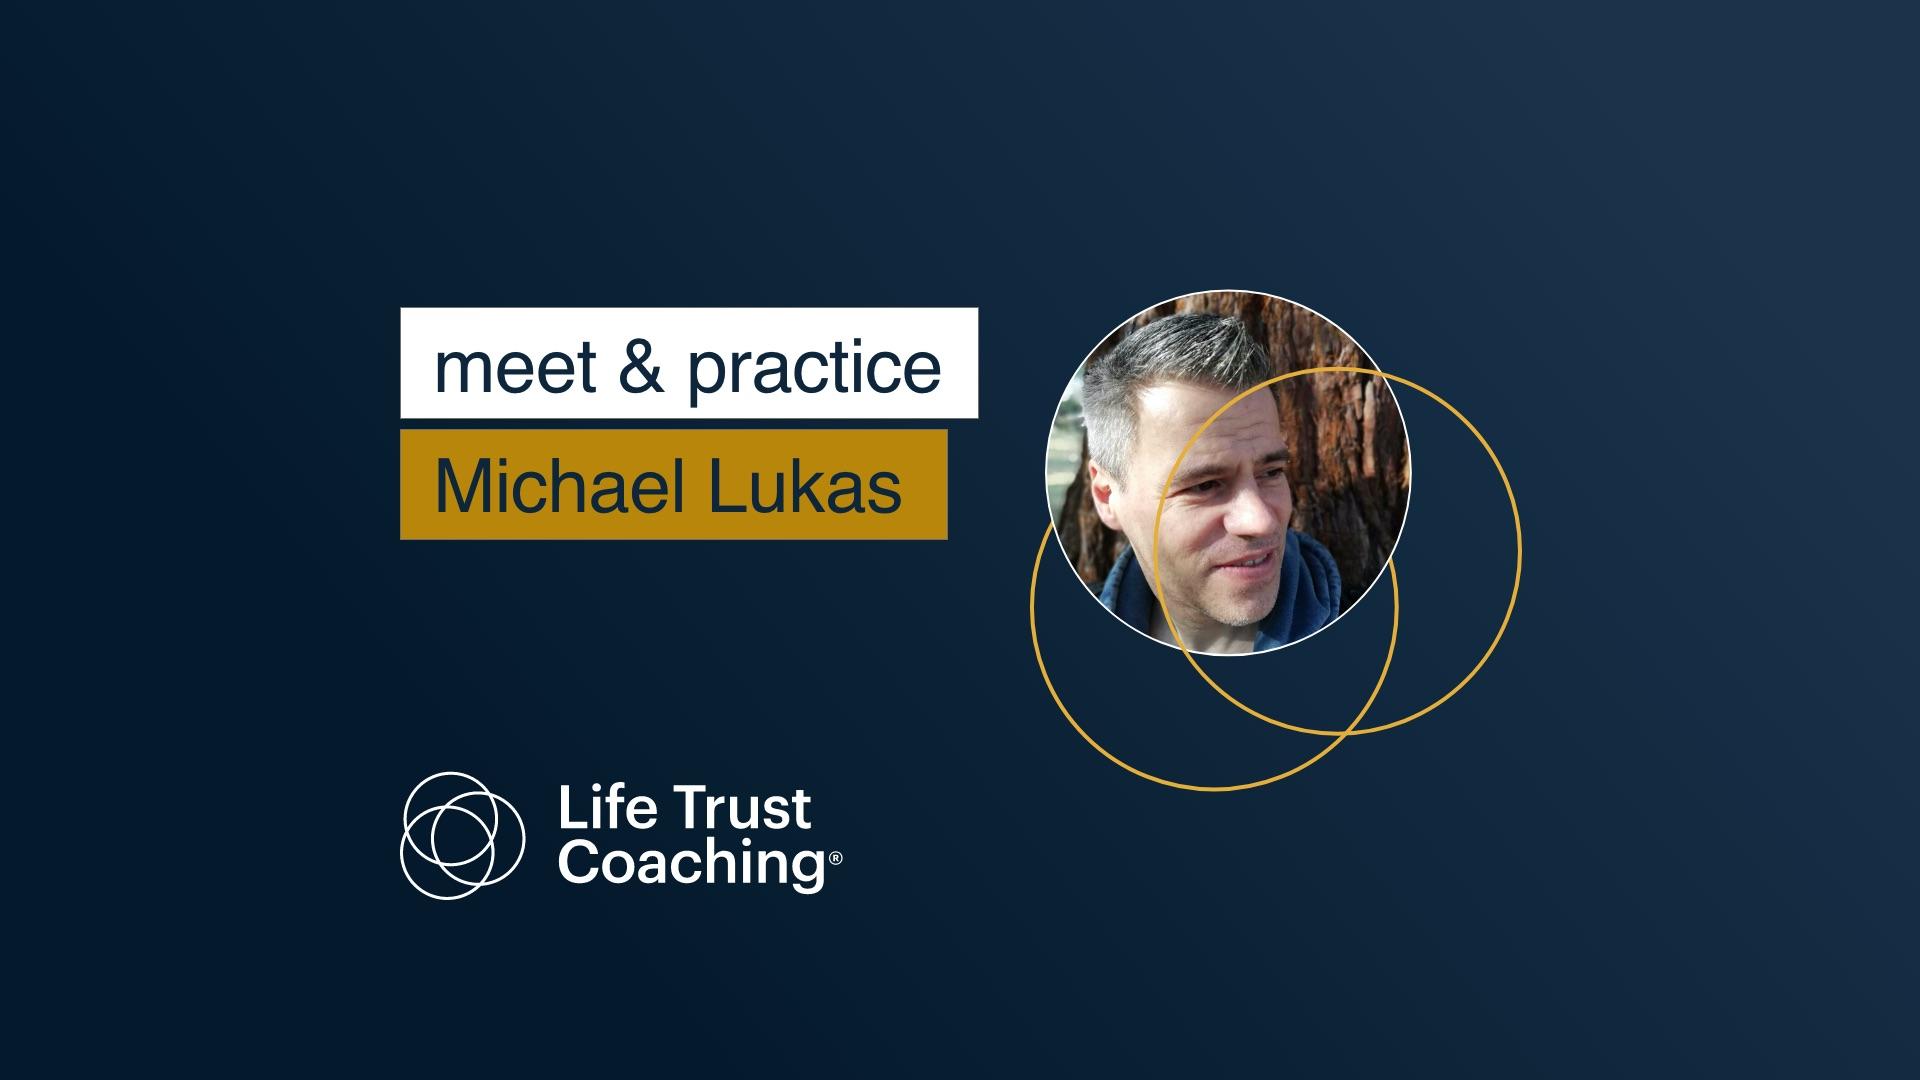 meet & practice mit Michael Lukas